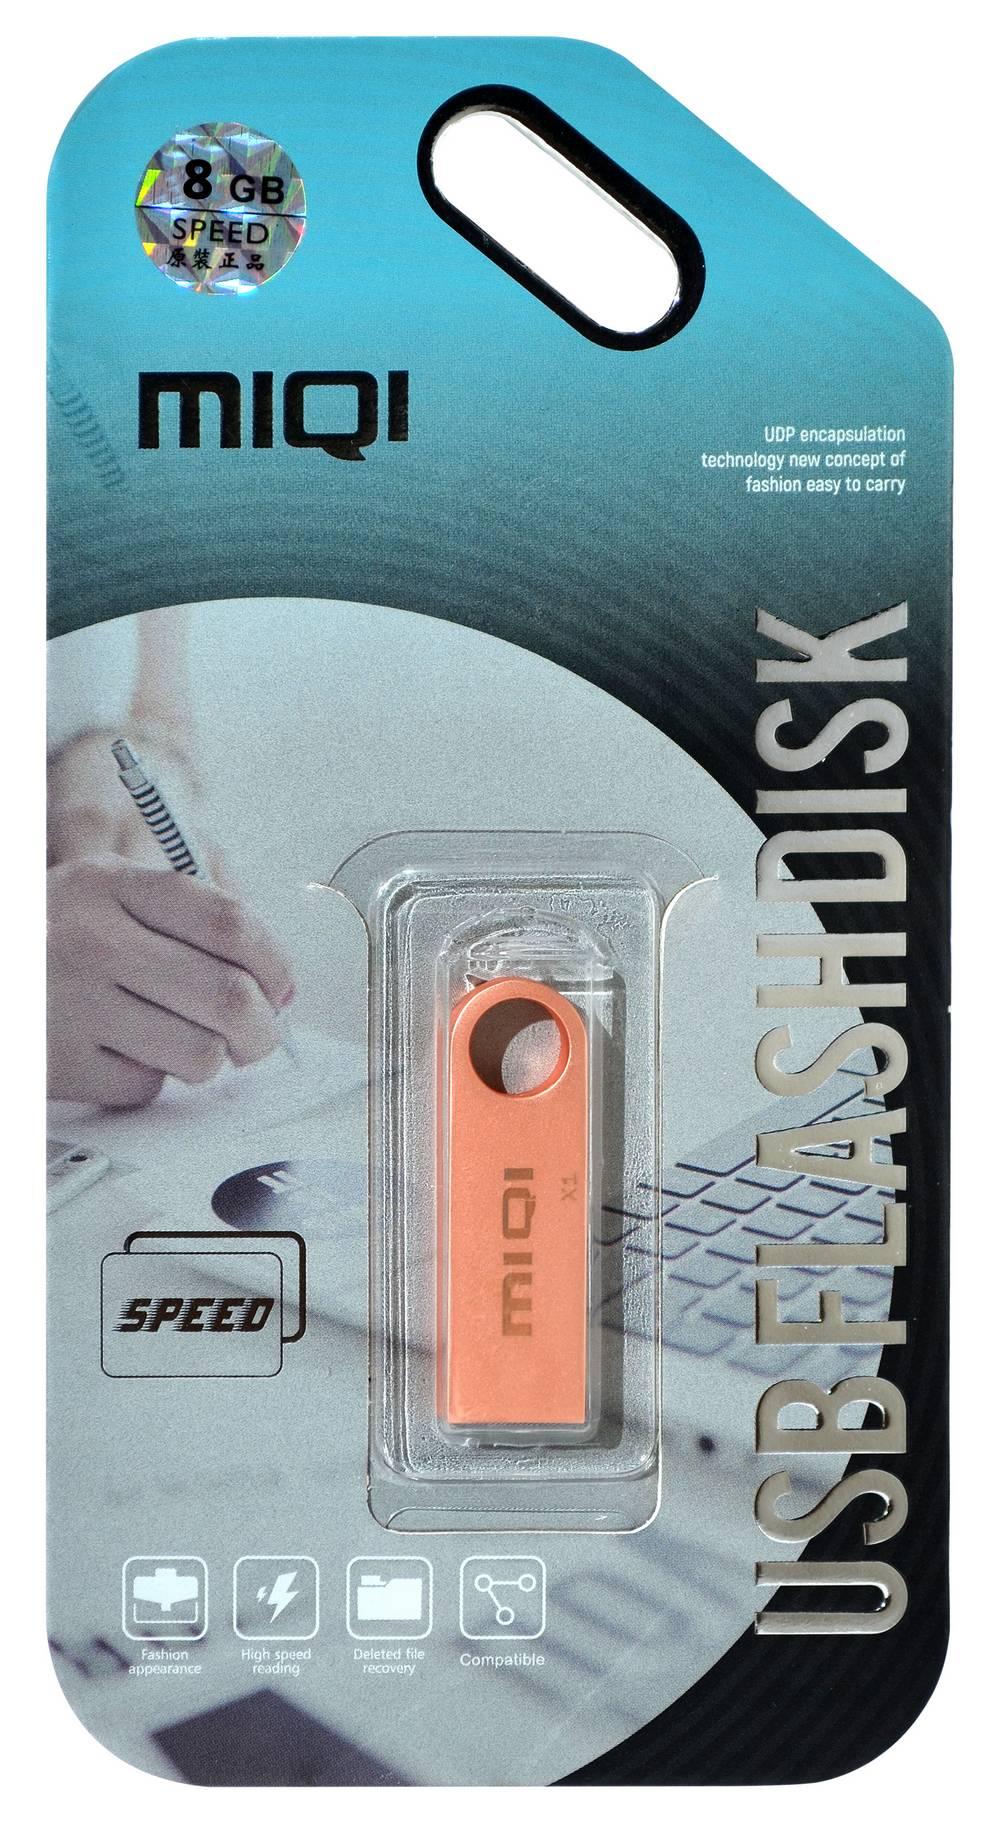 USB 2.0 MIQI Flash Drive X1 8GB Χρυσαφί Ρόζ Metal